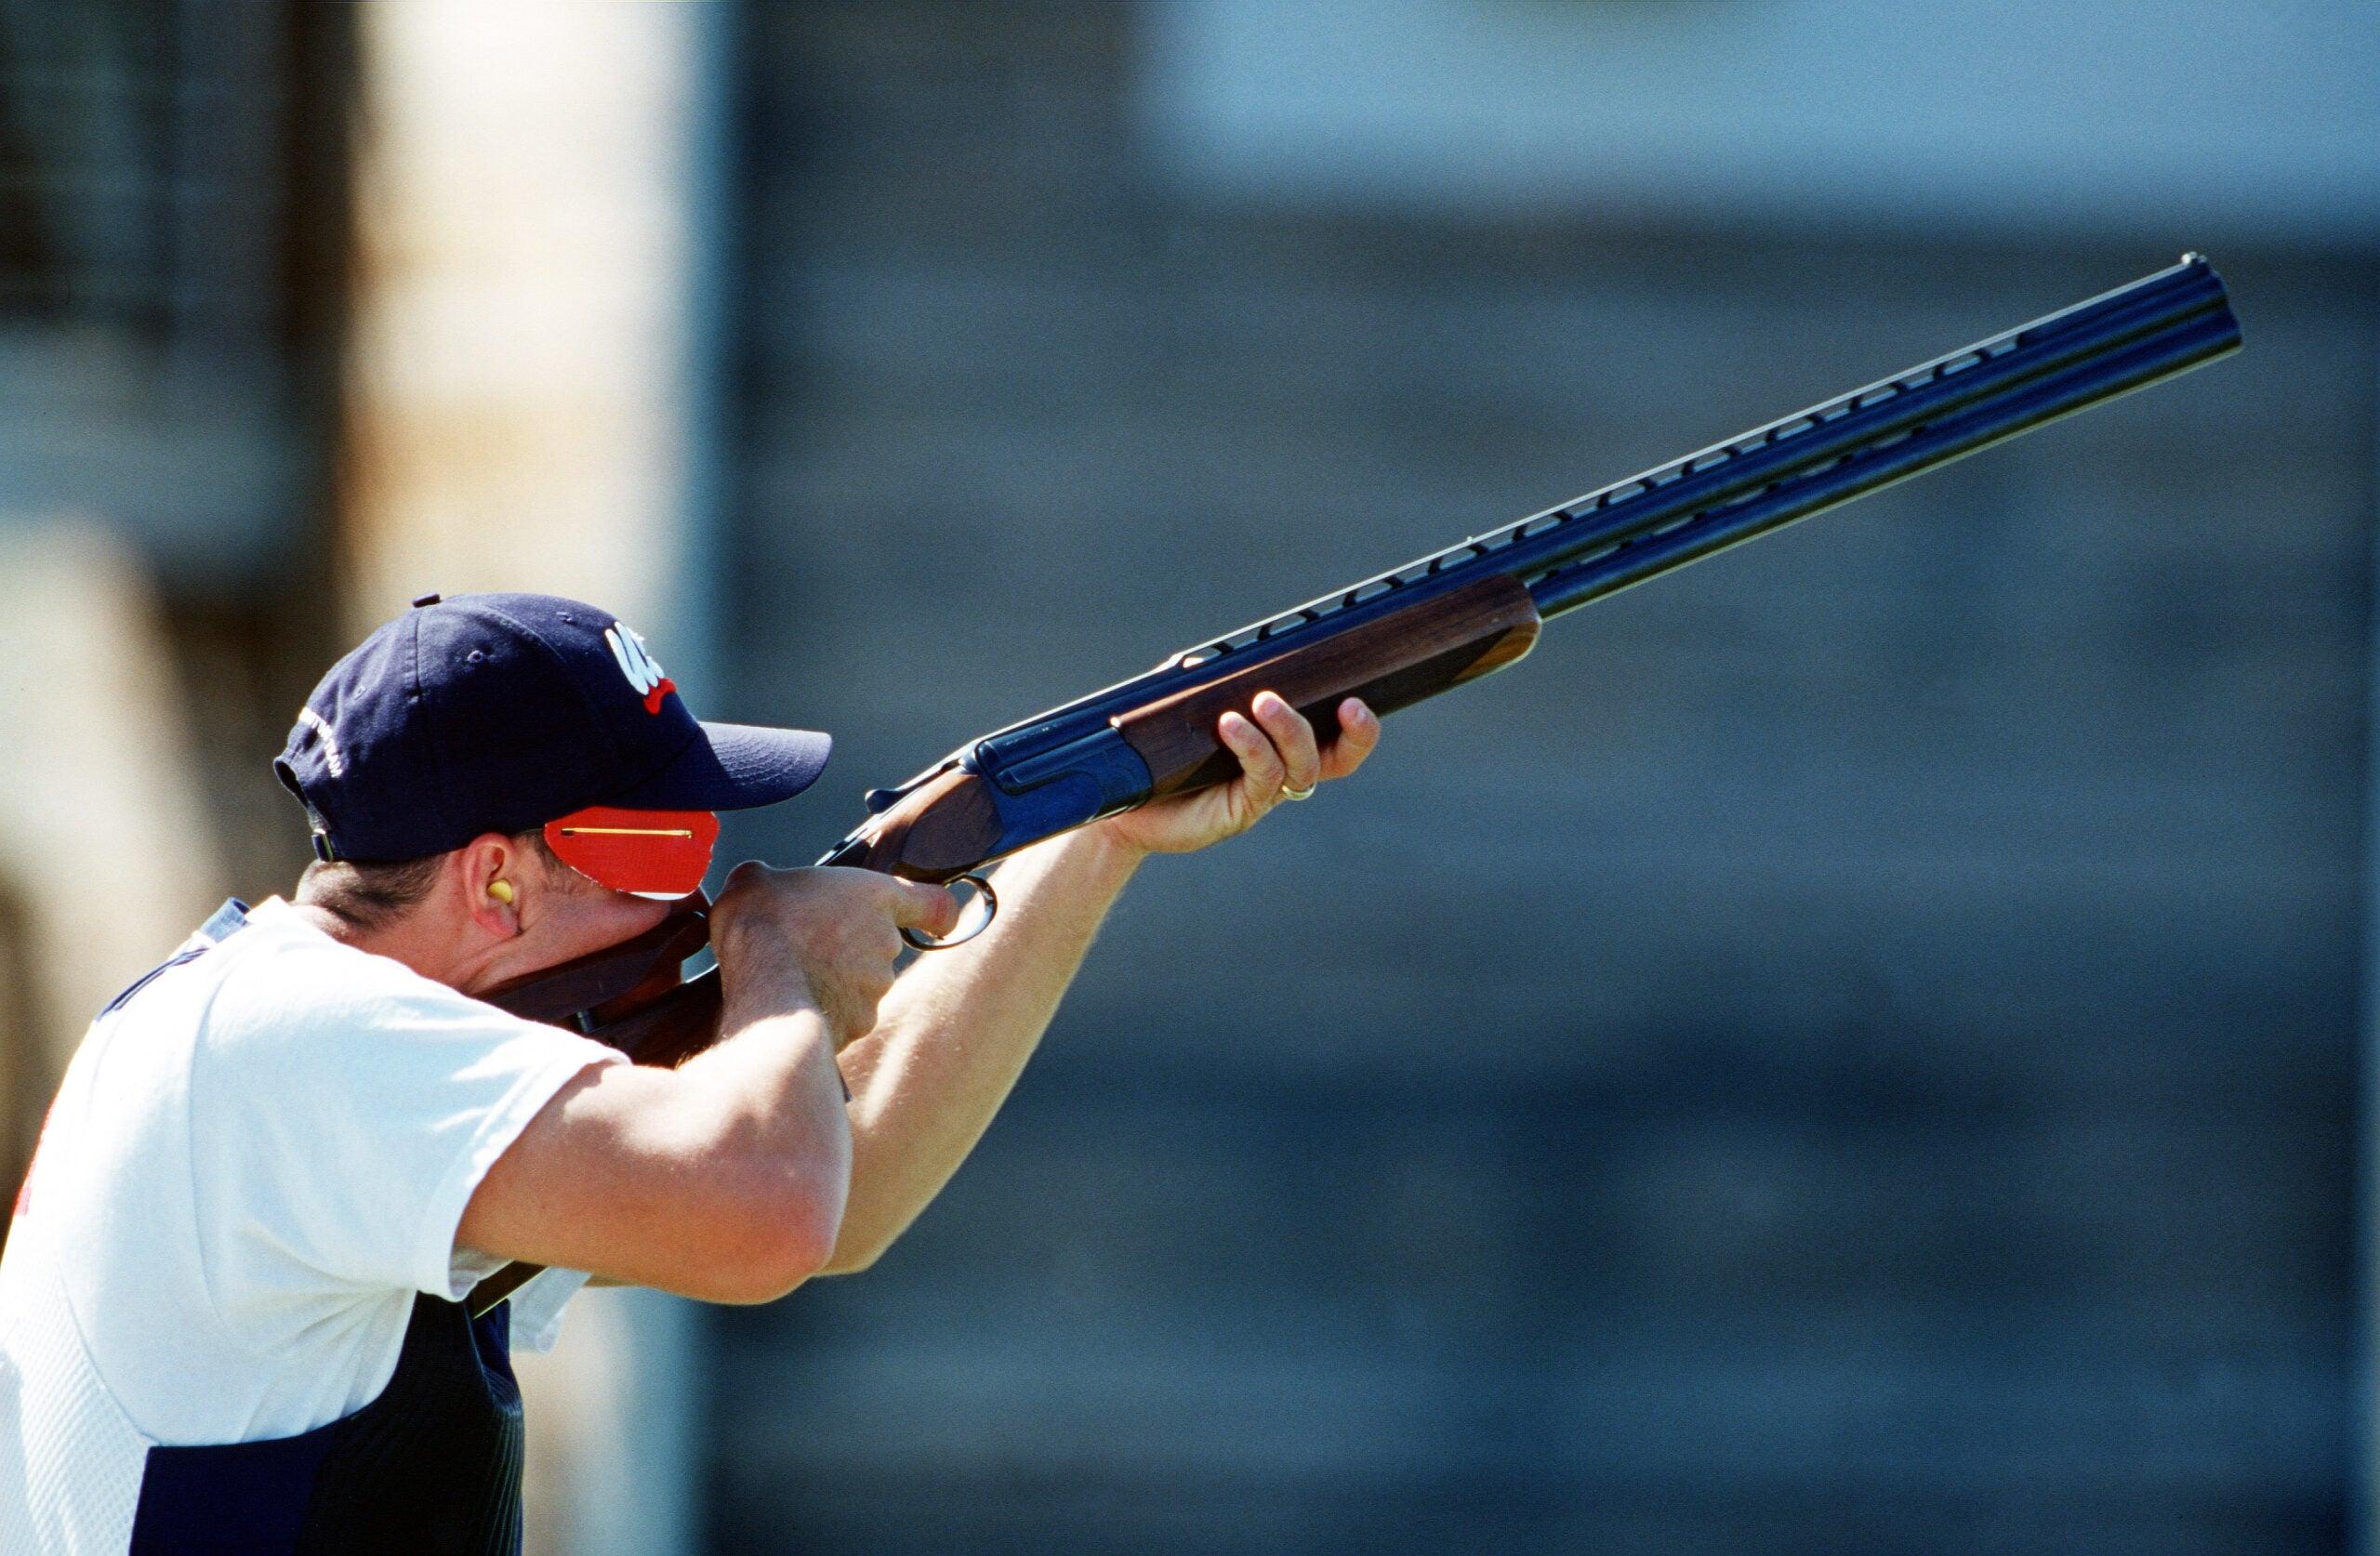 Ask Phil: The Mental Side of Skeet Shooting